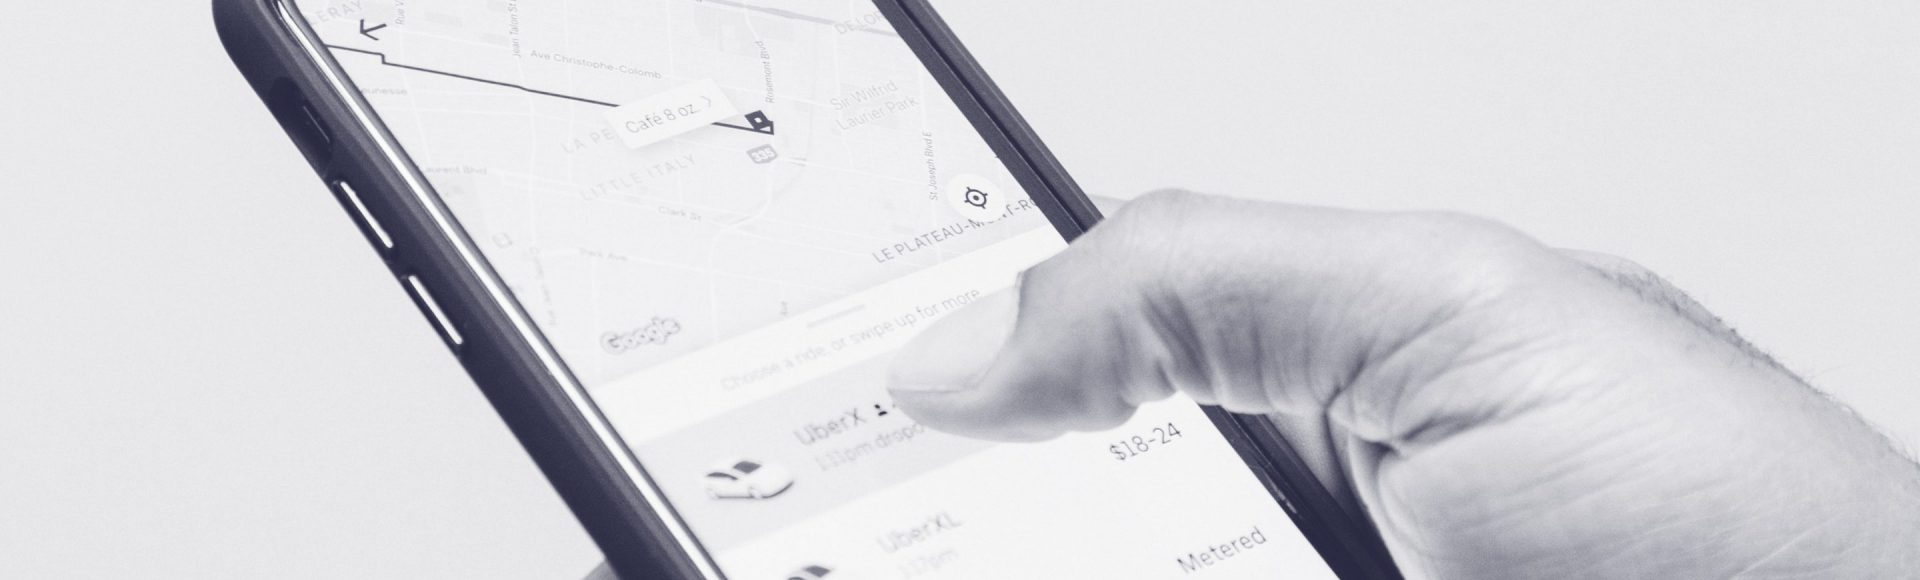 ARK-Invest_Blog-Banner_2014_11_10---Uber-Sales